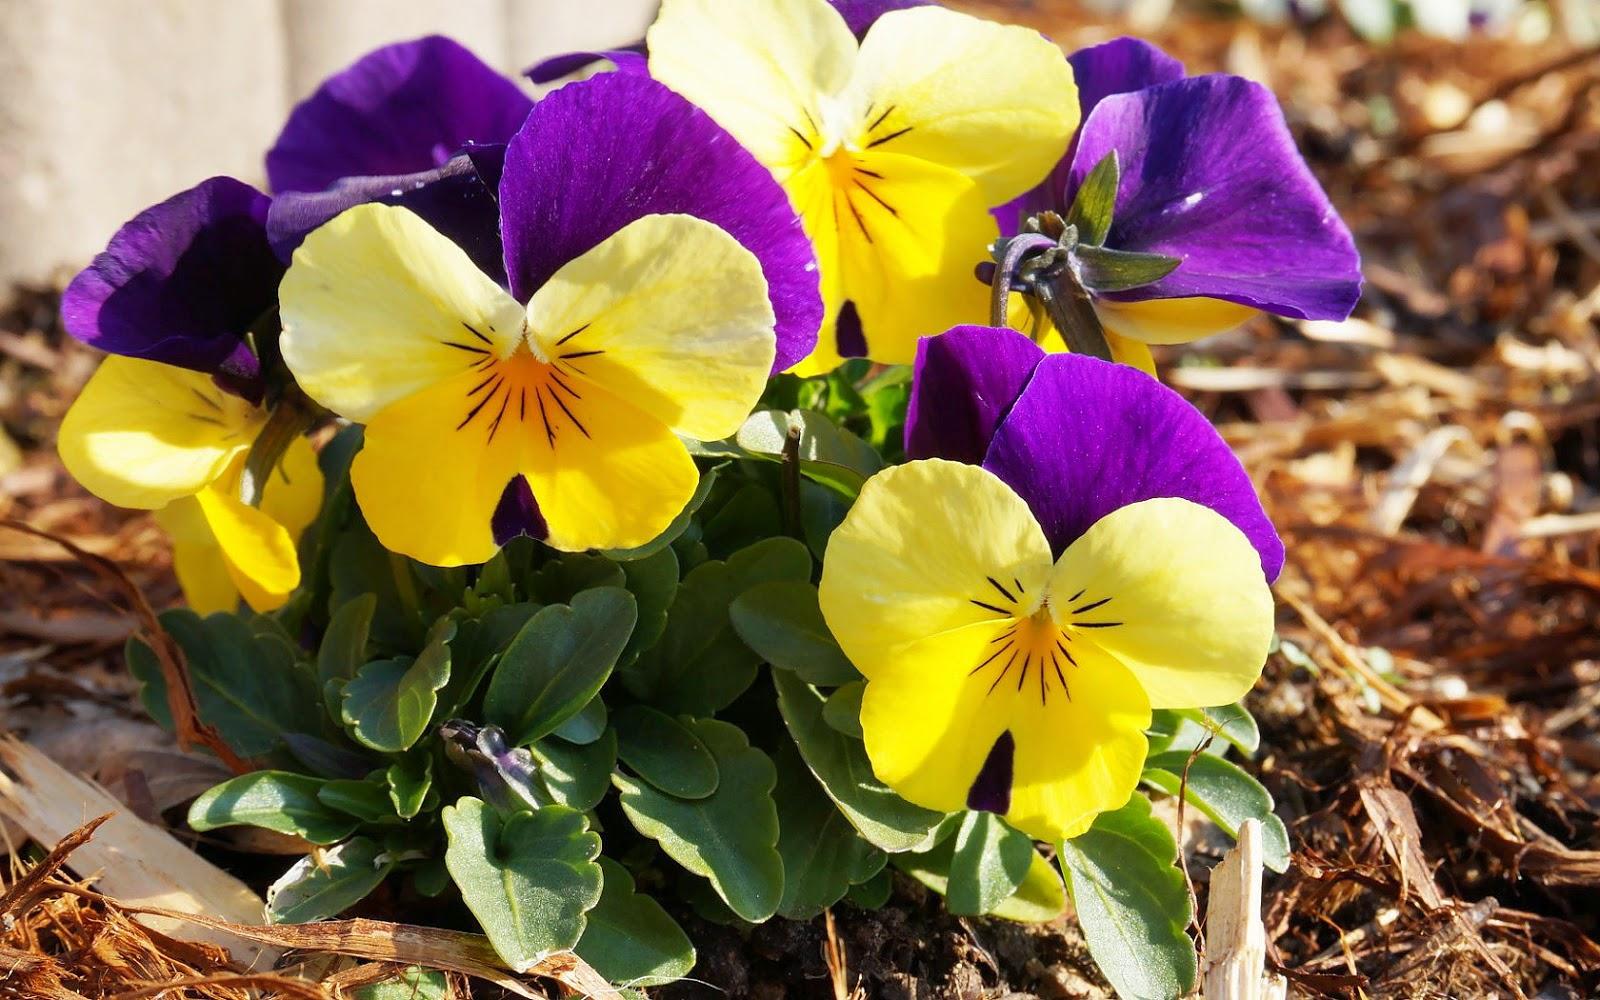 Afbeeldingsresultaat voor lentebloemen